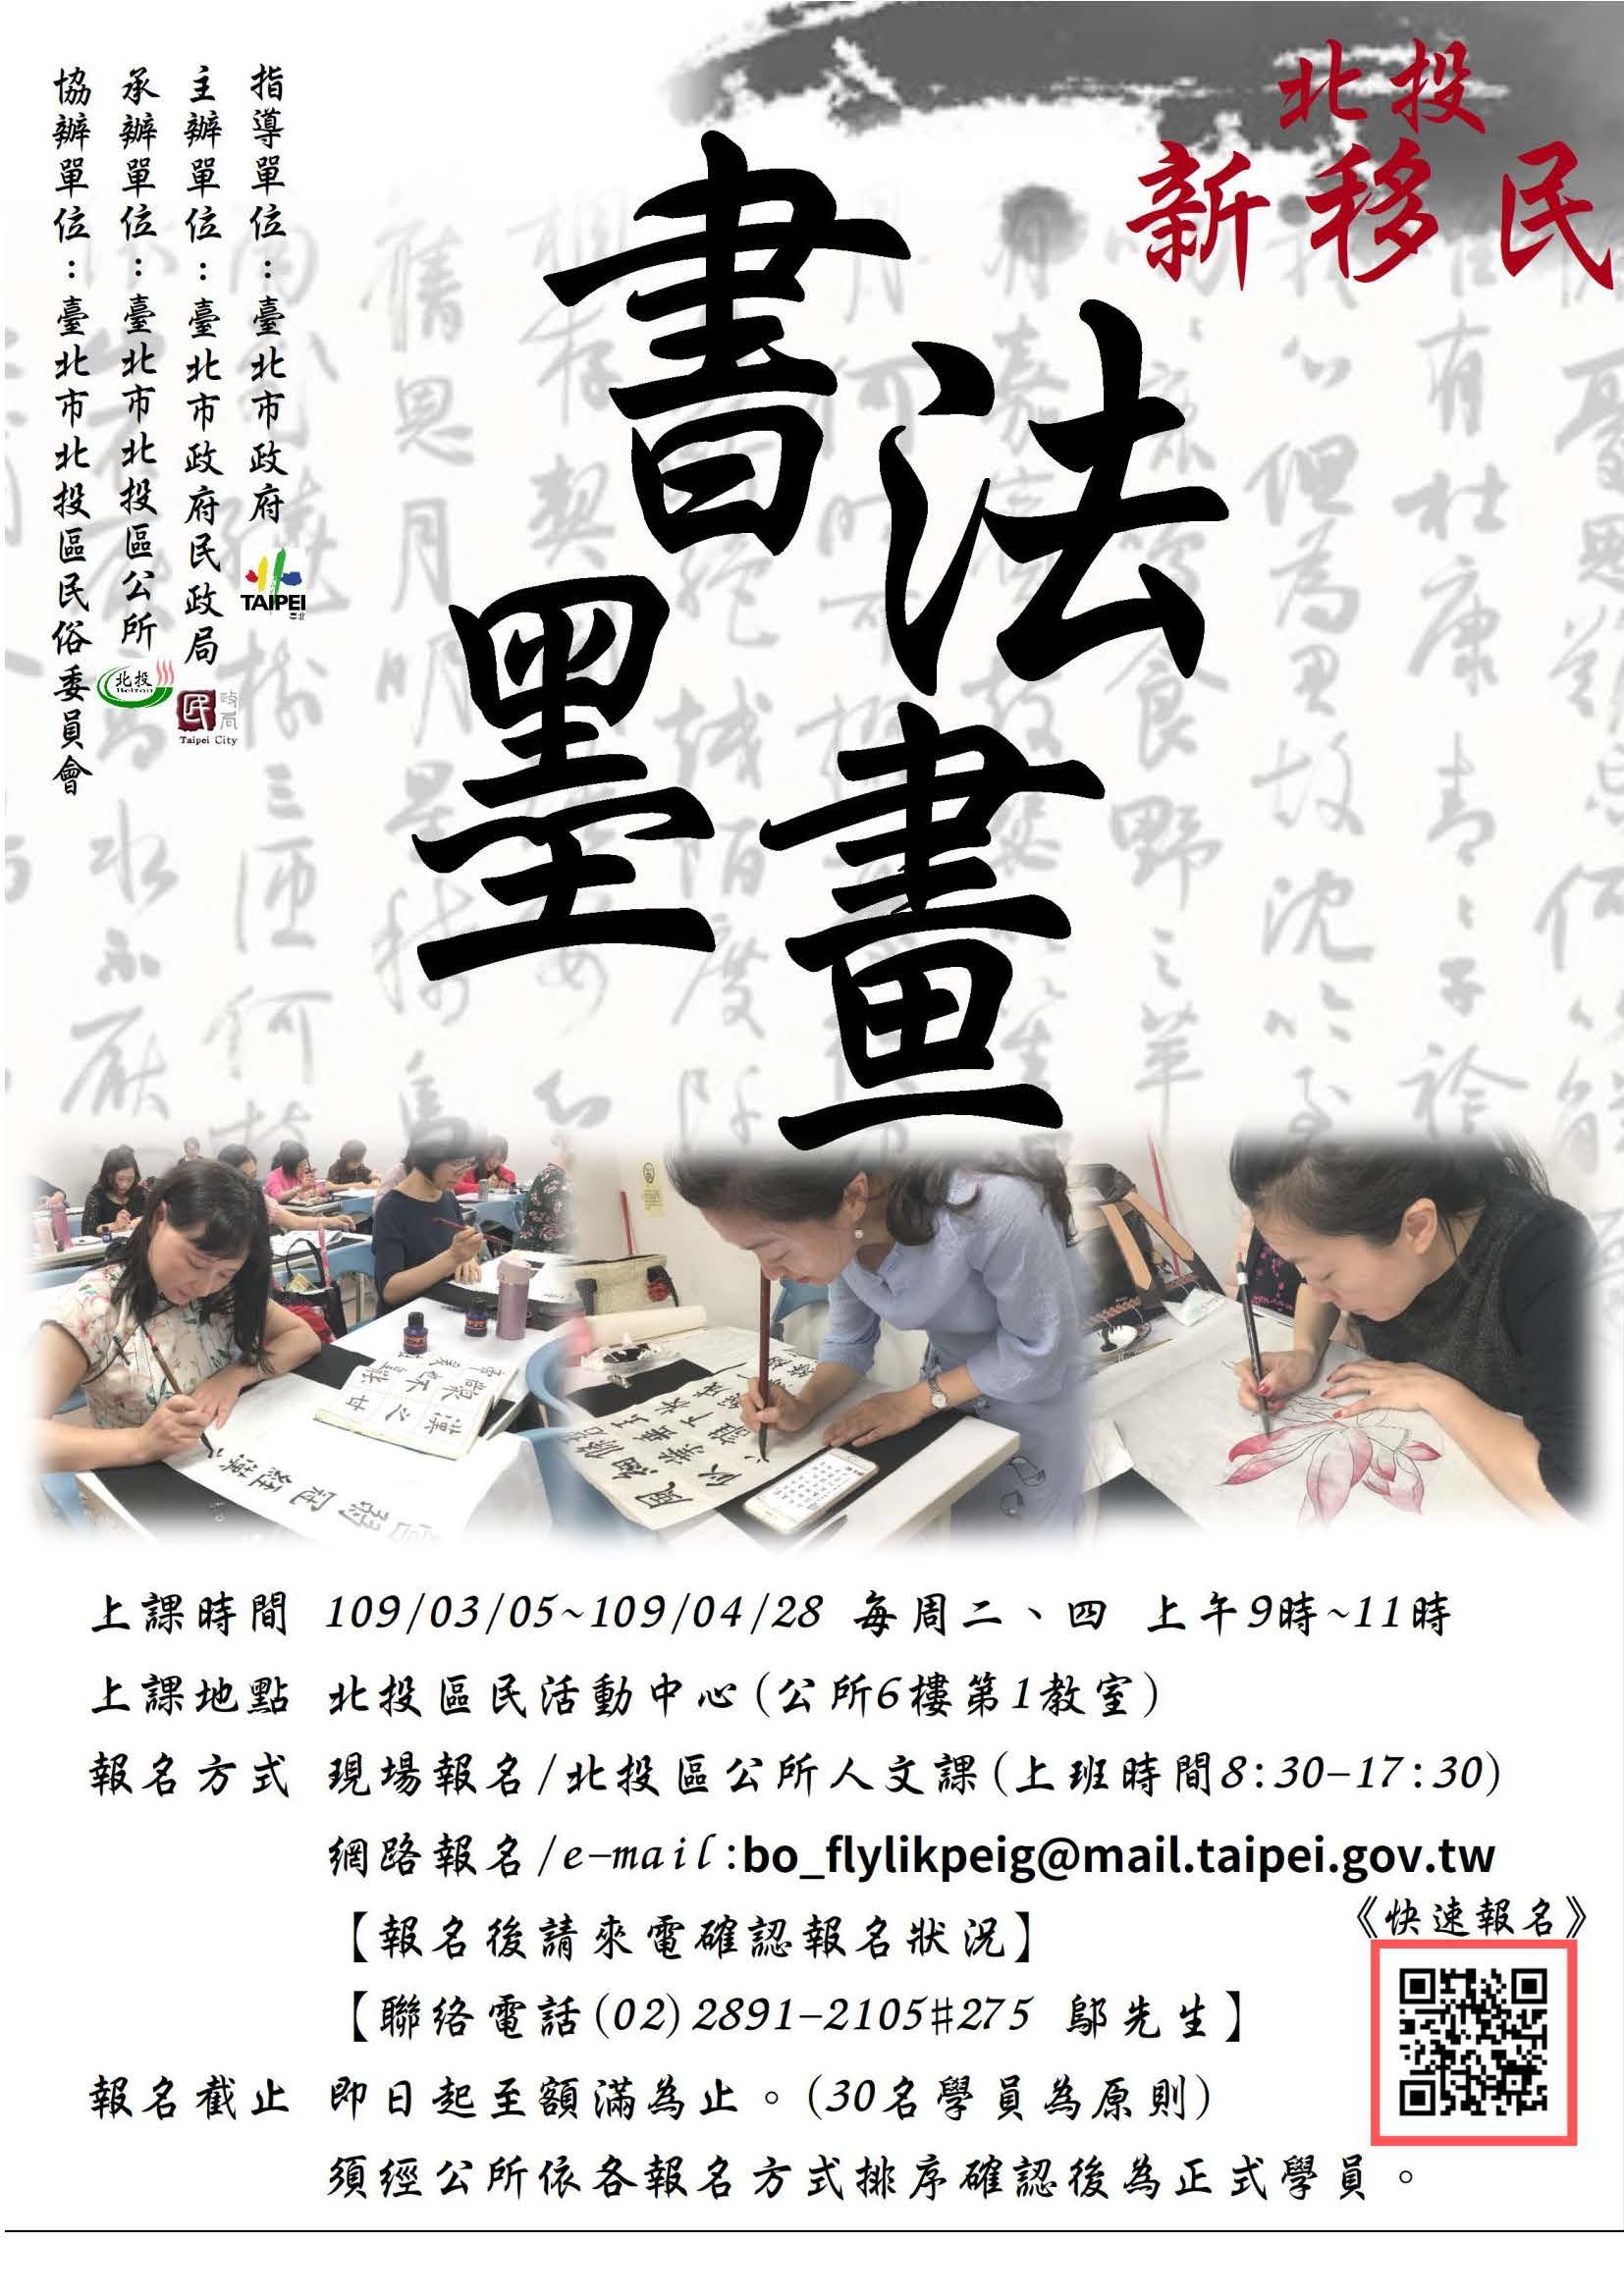 Opisina ng Distrito ng Beitou nagsasagawa ng